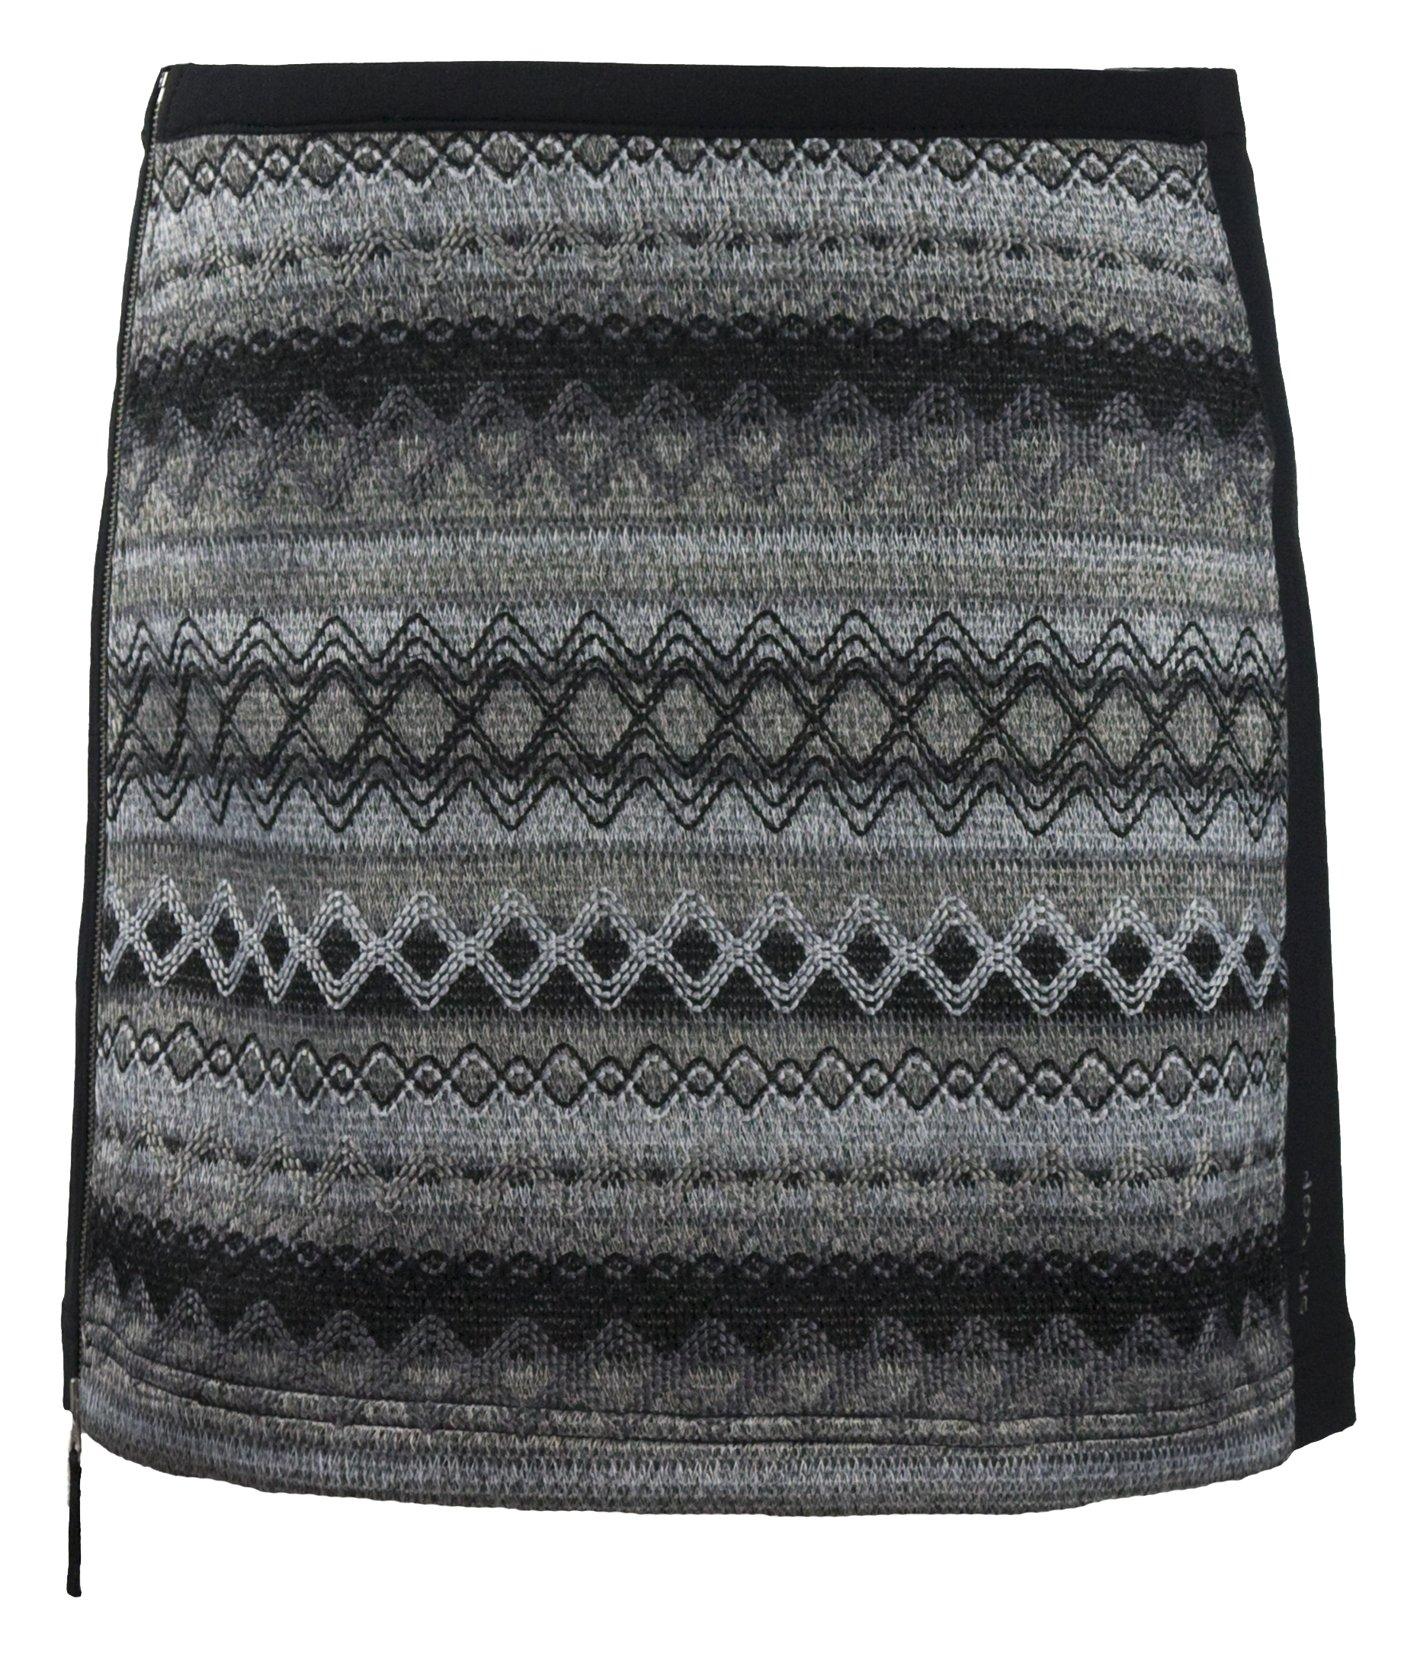 Skhoop Patsy Short Skirt, Black, X-Large